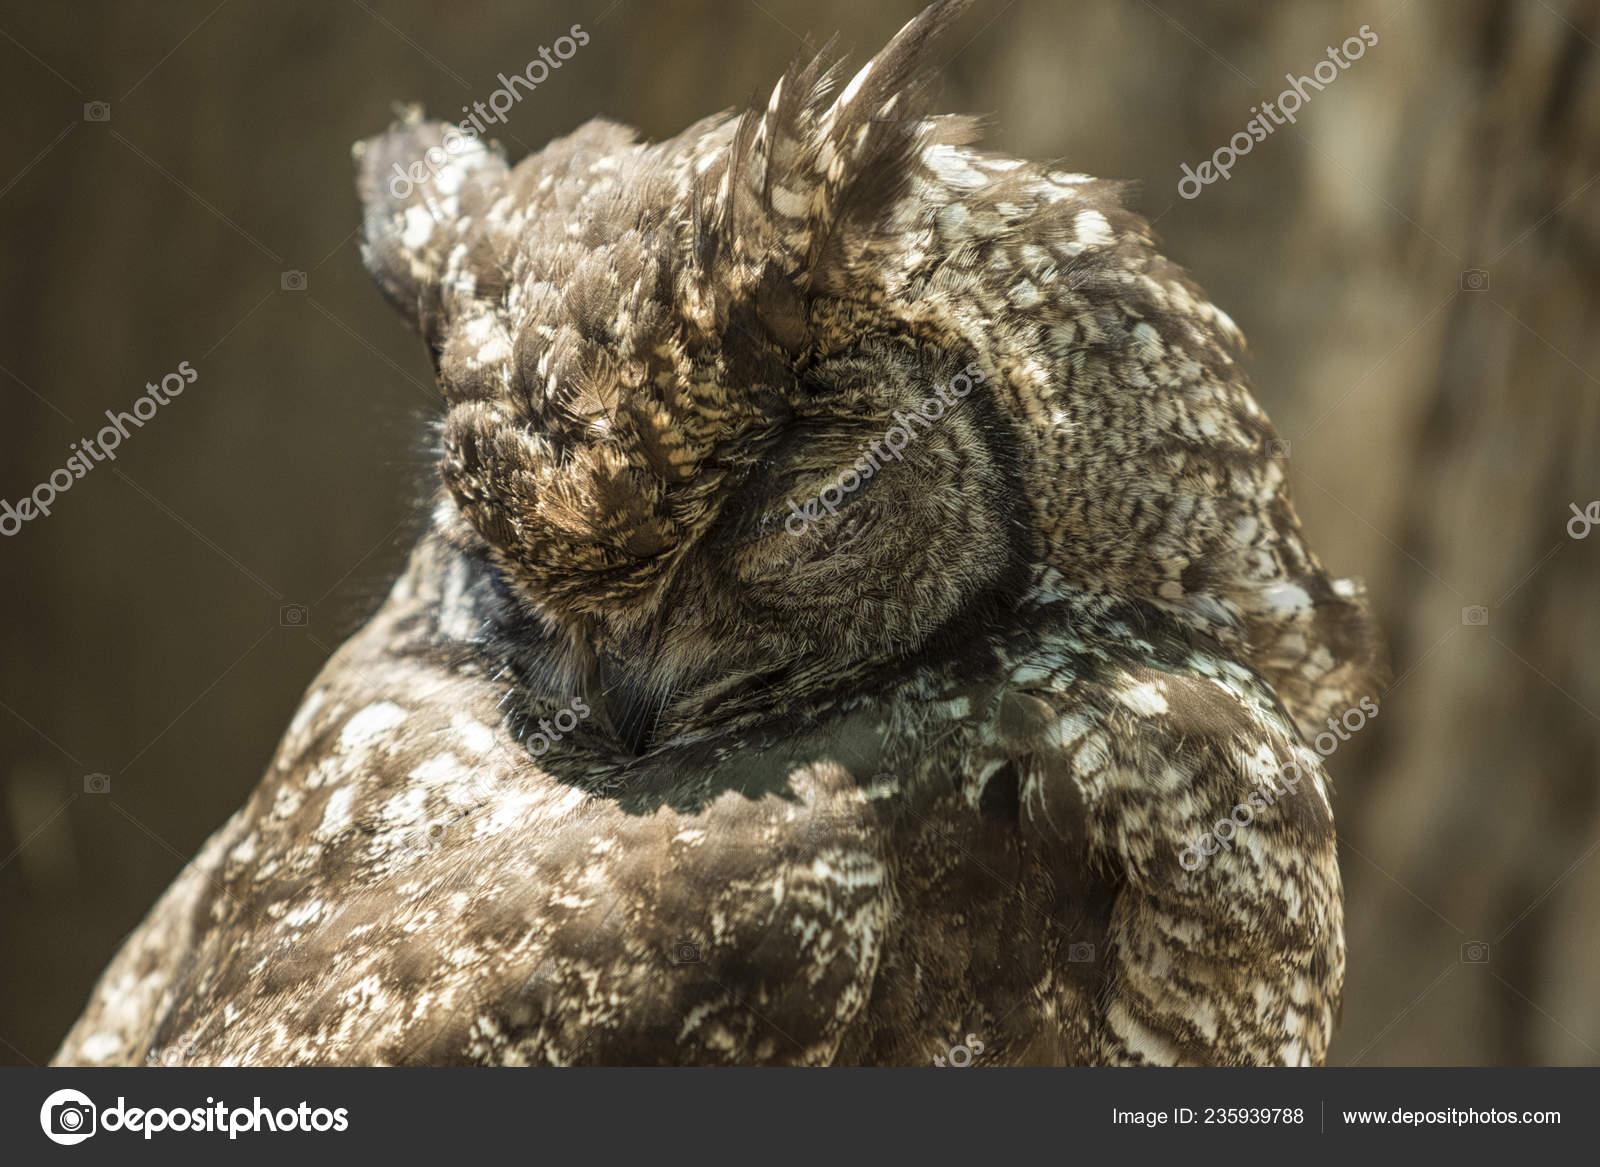 Aguila En La Espalda buho Águila dormir con cabeza descansando sobre espalda sol